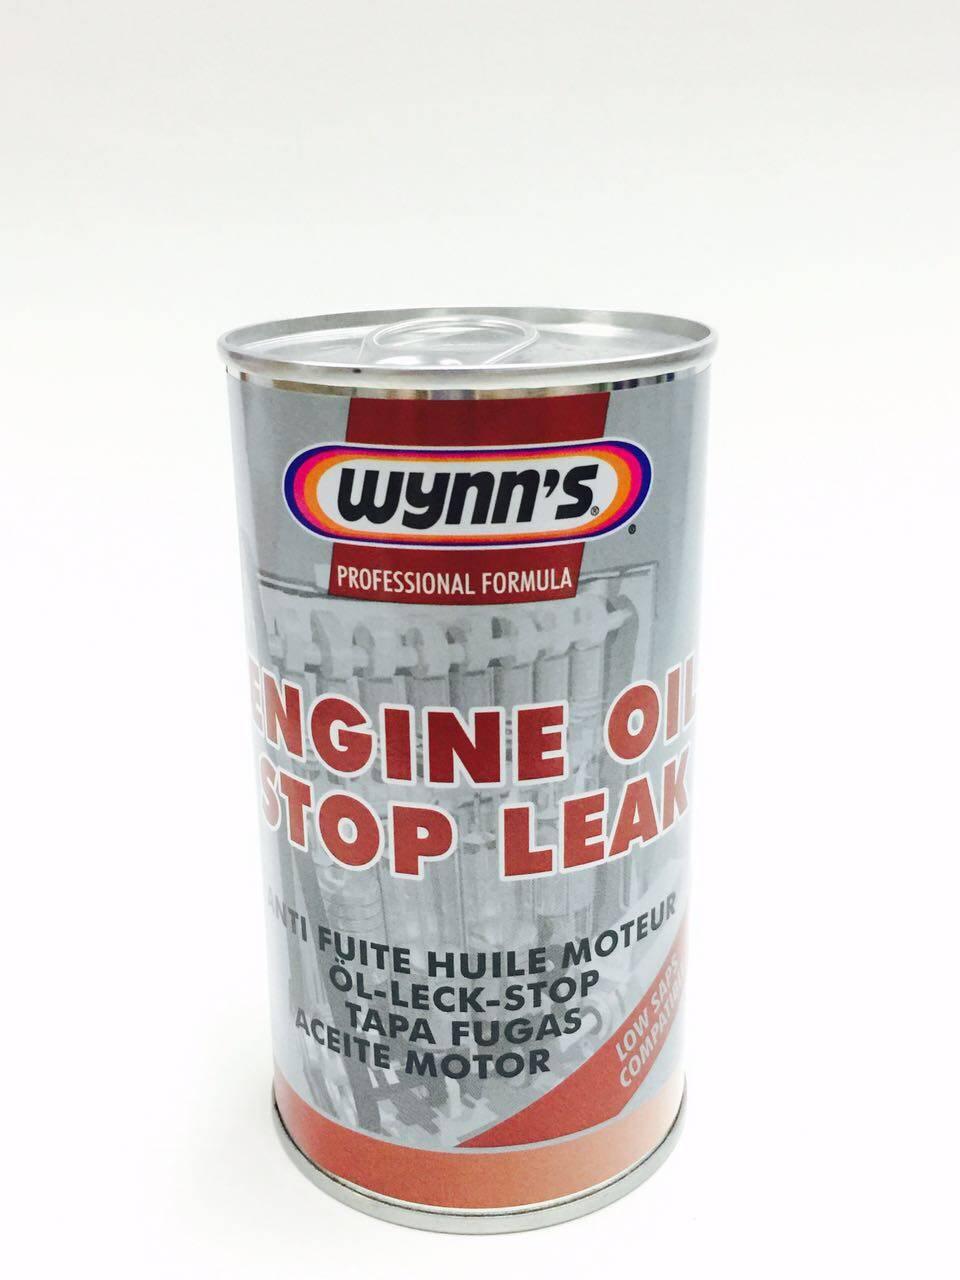 Wynns oil stop leak review